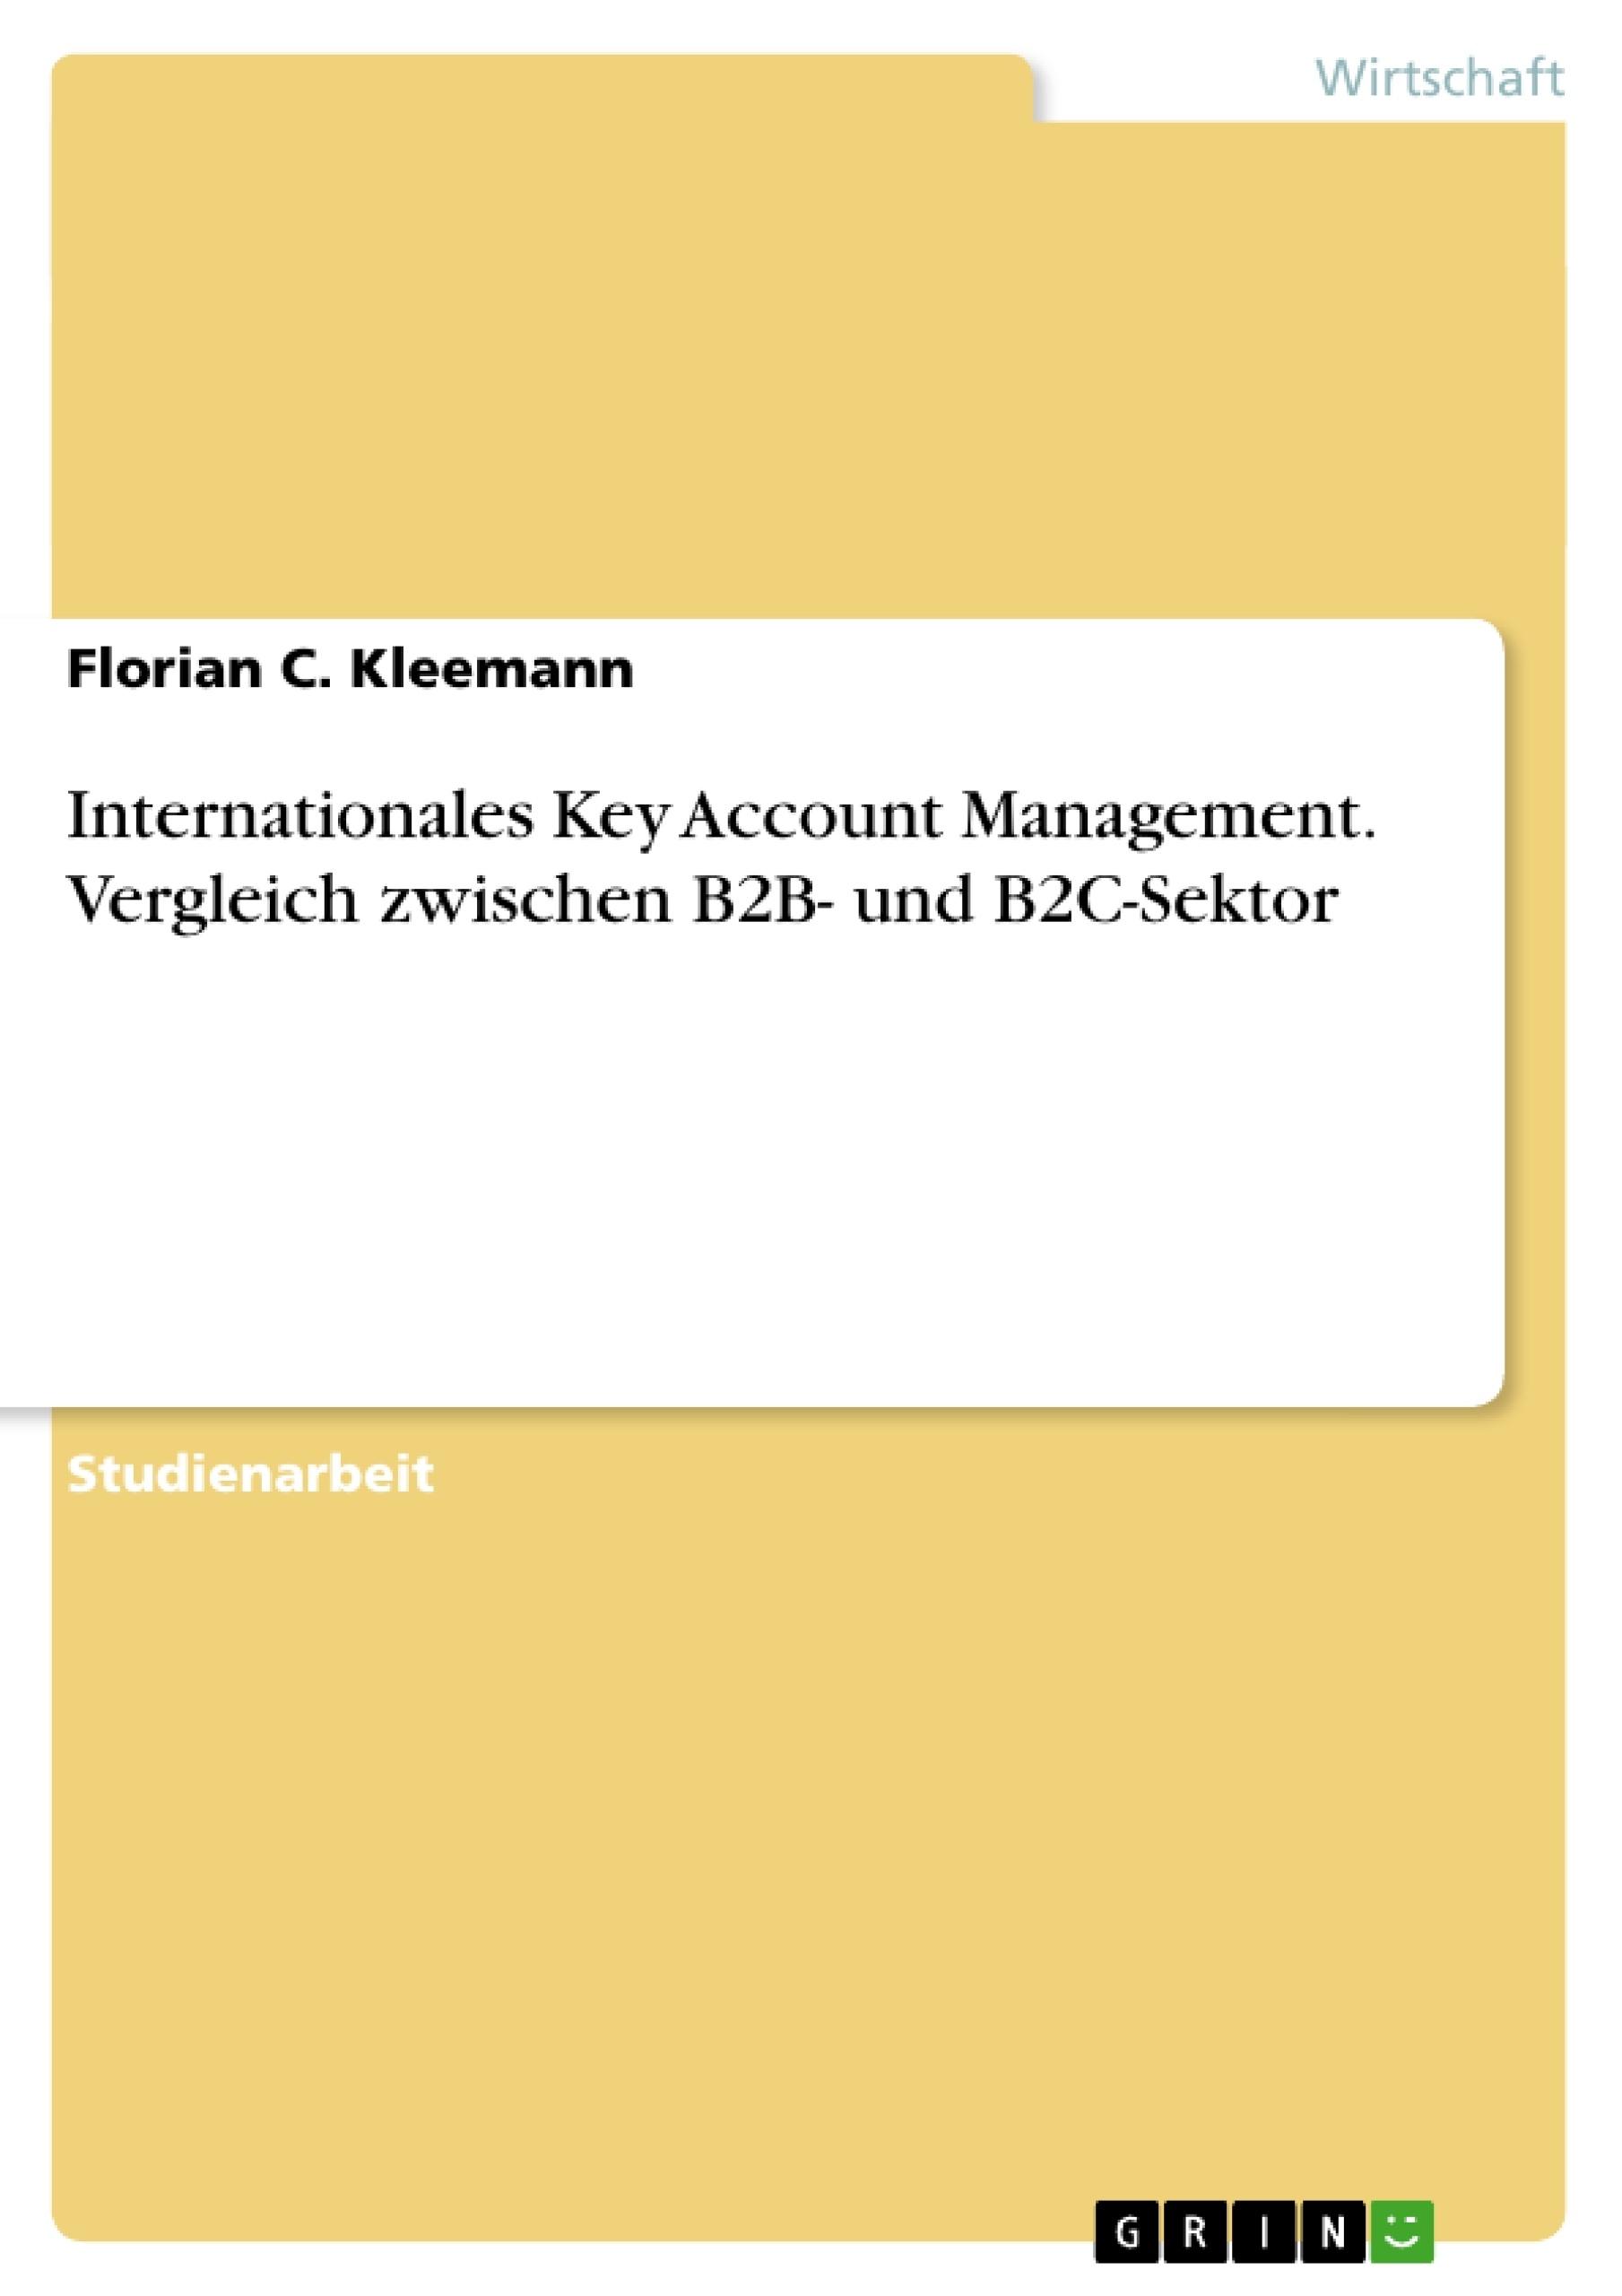 Titel: Internationales Key Account Management. Vergleich zwischen B2B- und B2C-Sektor